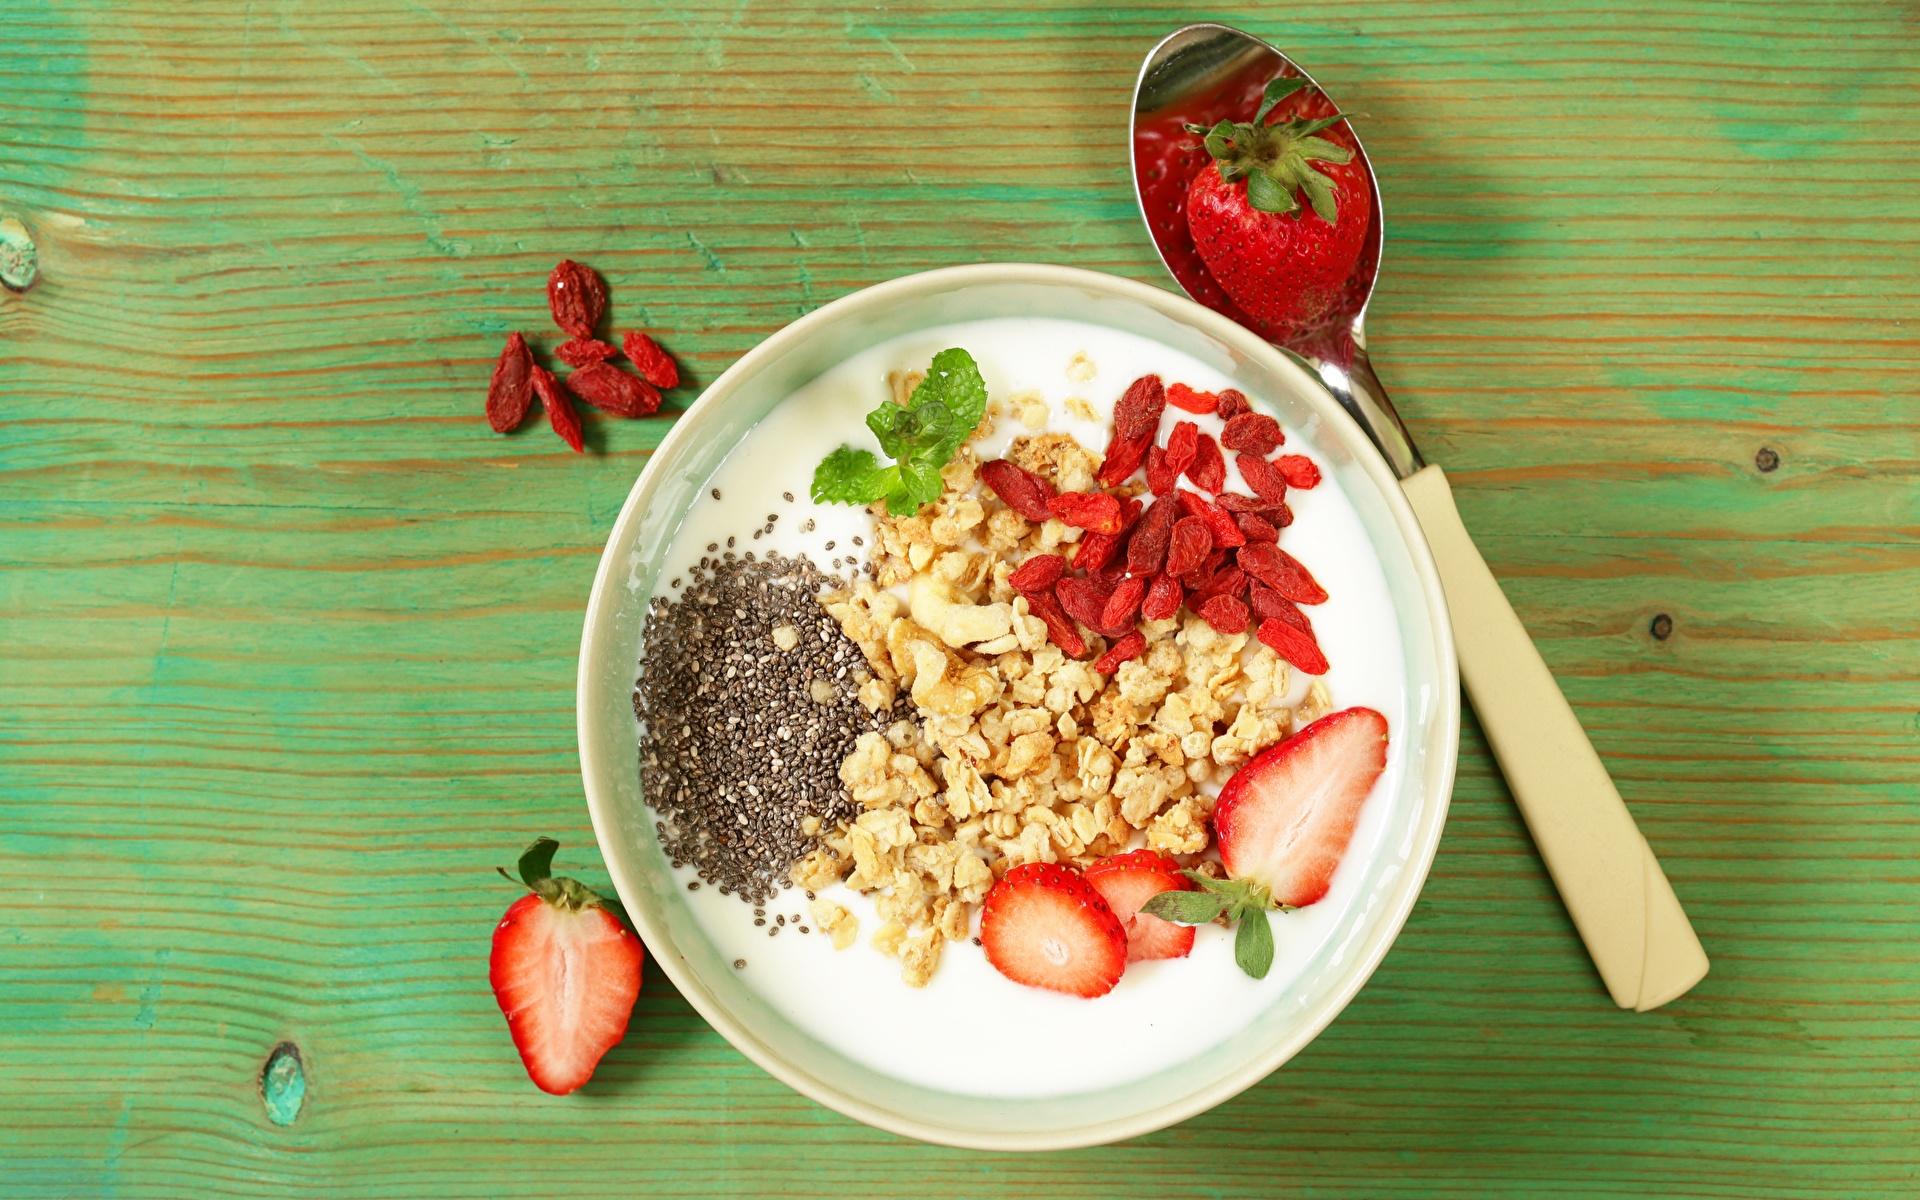 Картинка Здоровое питание Йогурт Завтрак Миска Клубника Пища Ложка 1920x1200 Еда ложки Продукты питания